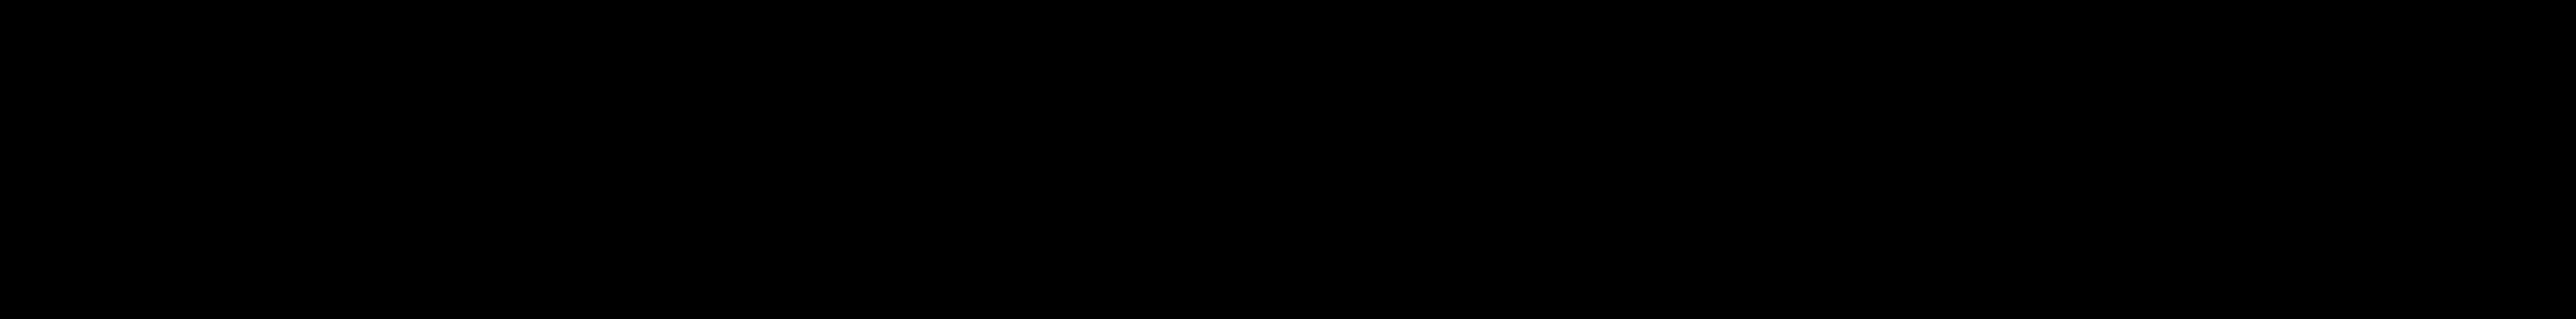 Diese Email-Adresse wird als Bild dargestellt um Spam vorzubeugen.